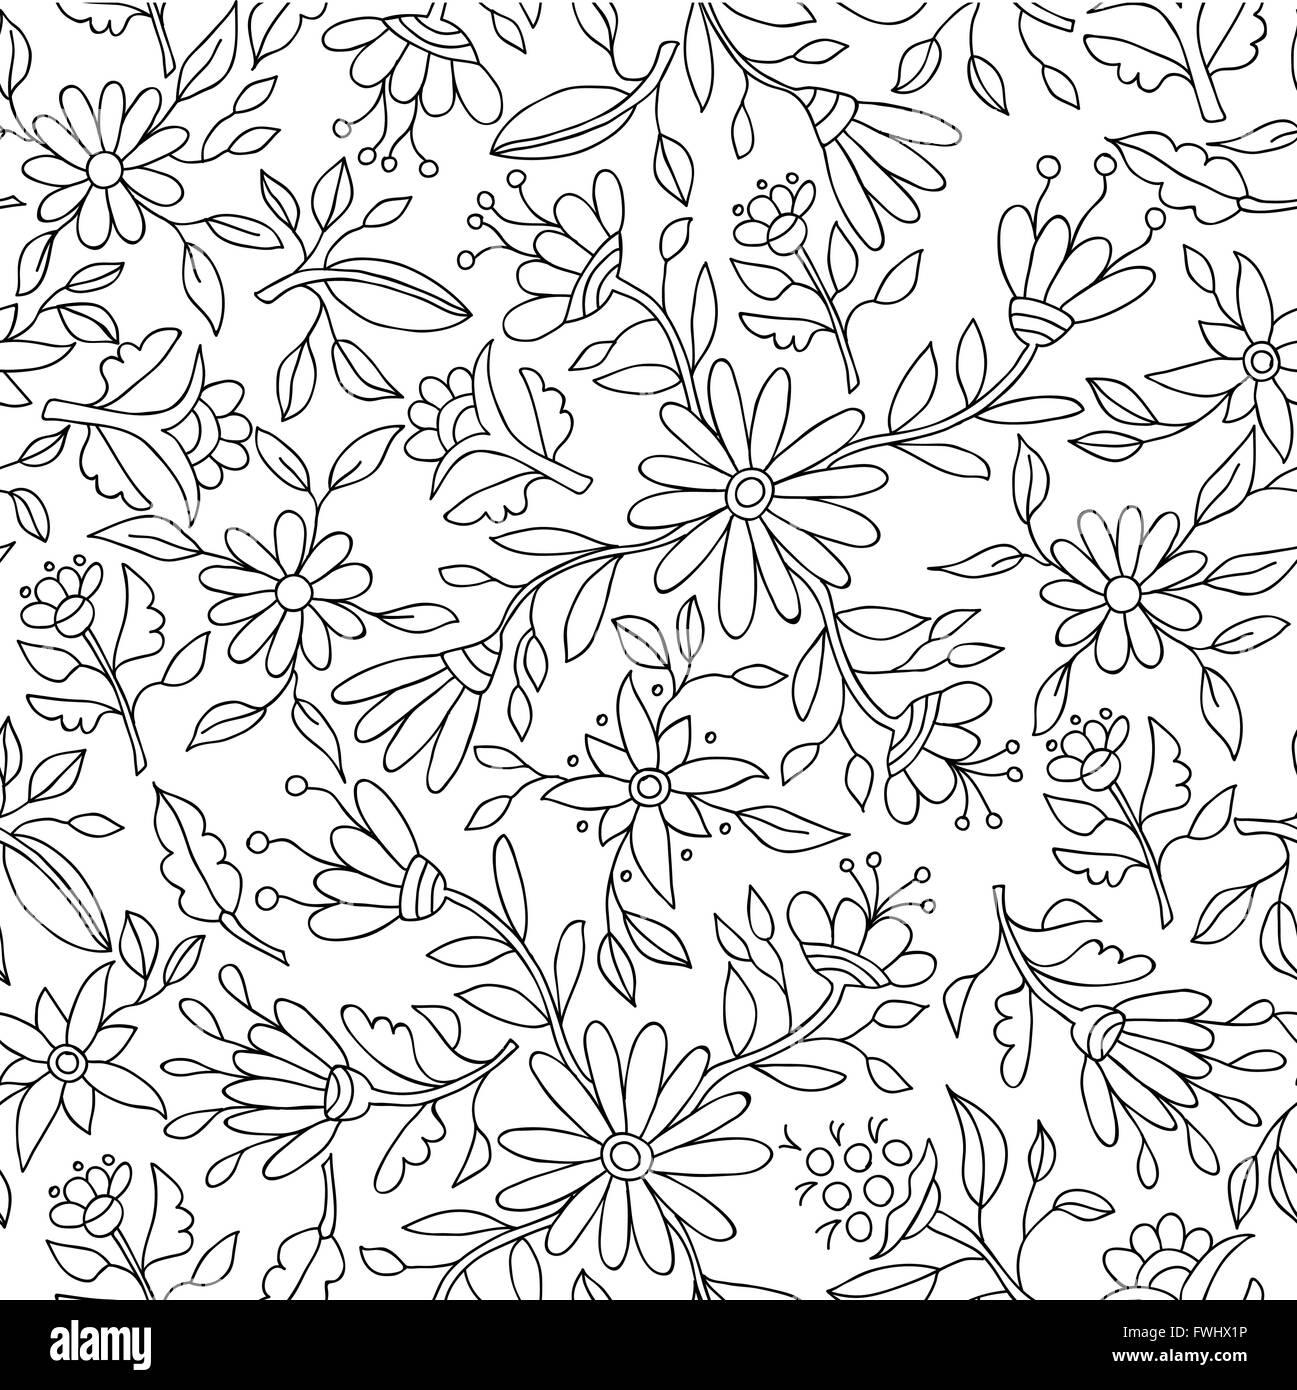 Blumen Frühling Muster in schwarz und weiß mit Blume Konturen und ...